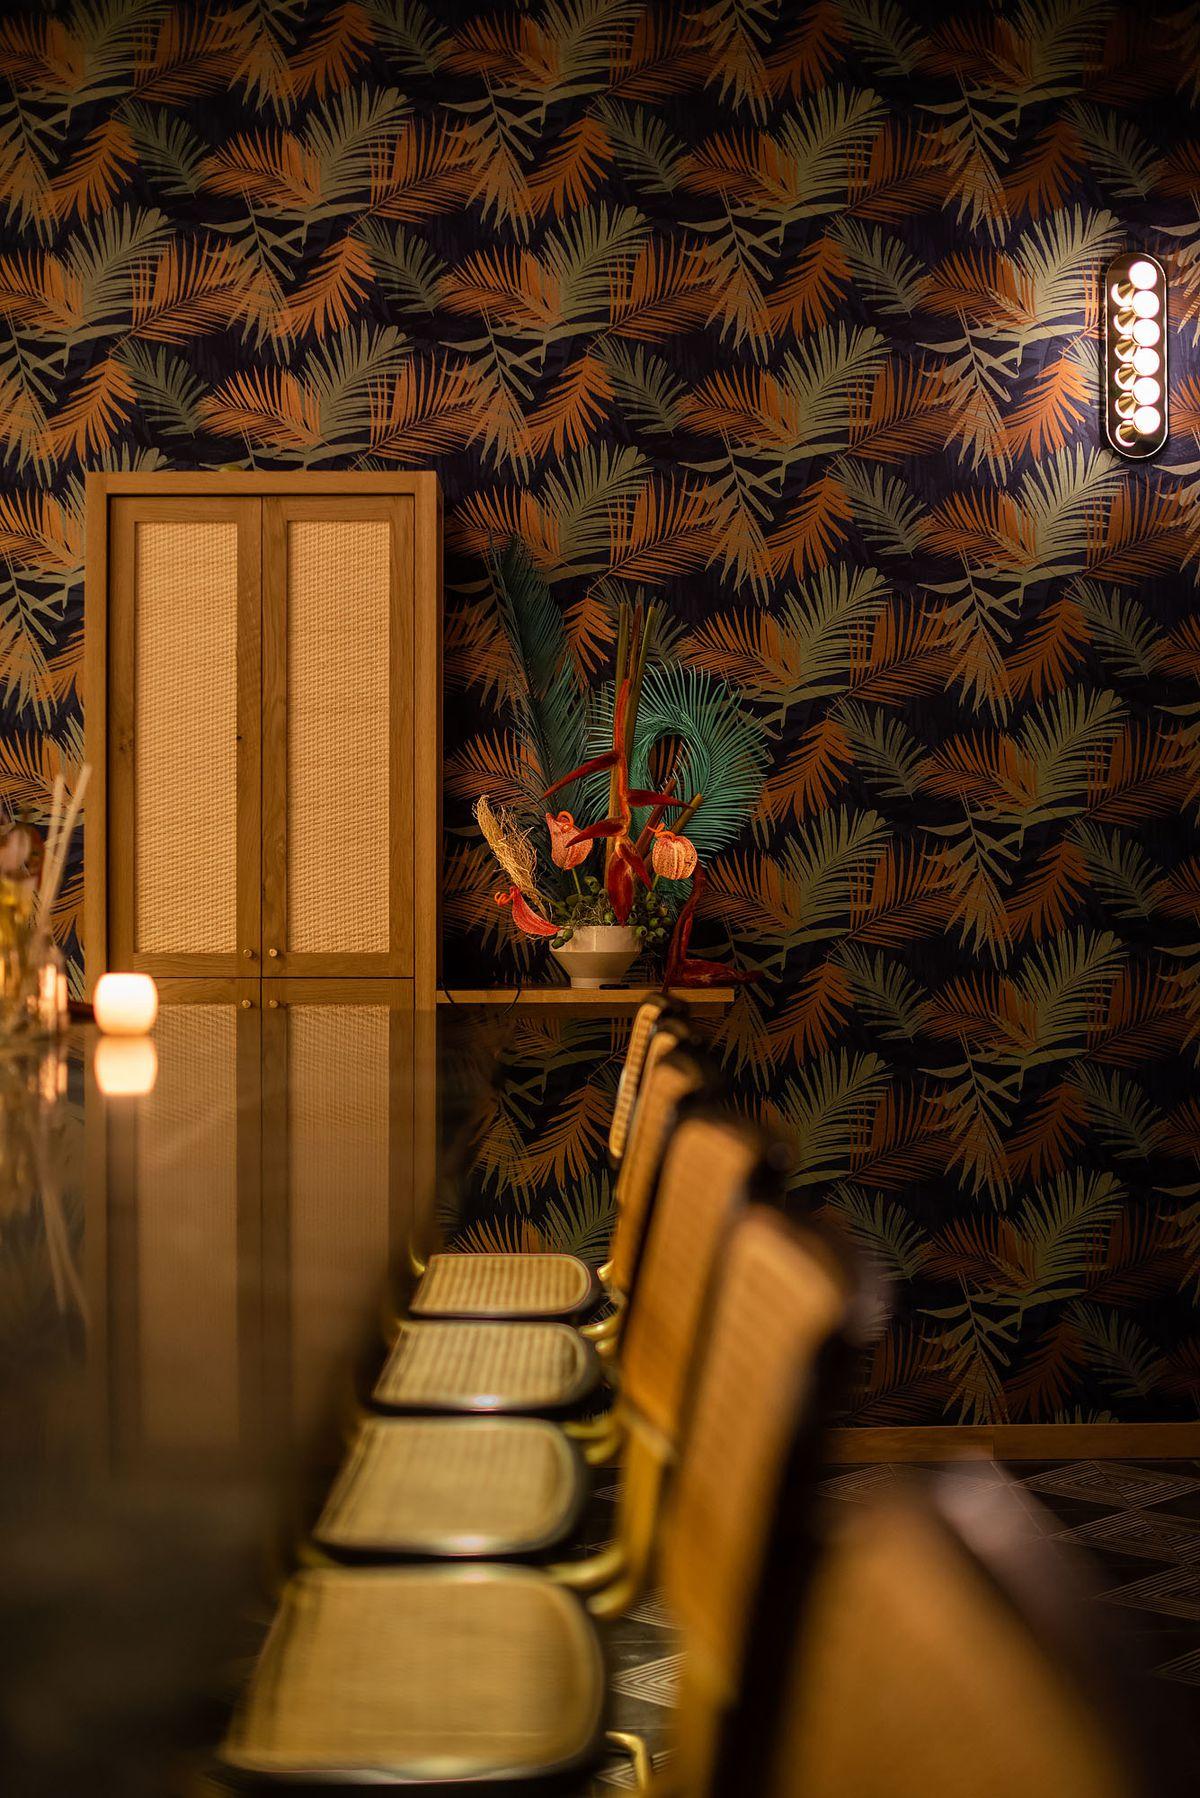 Leafy wallpaper and sconces hang at a moody bar.